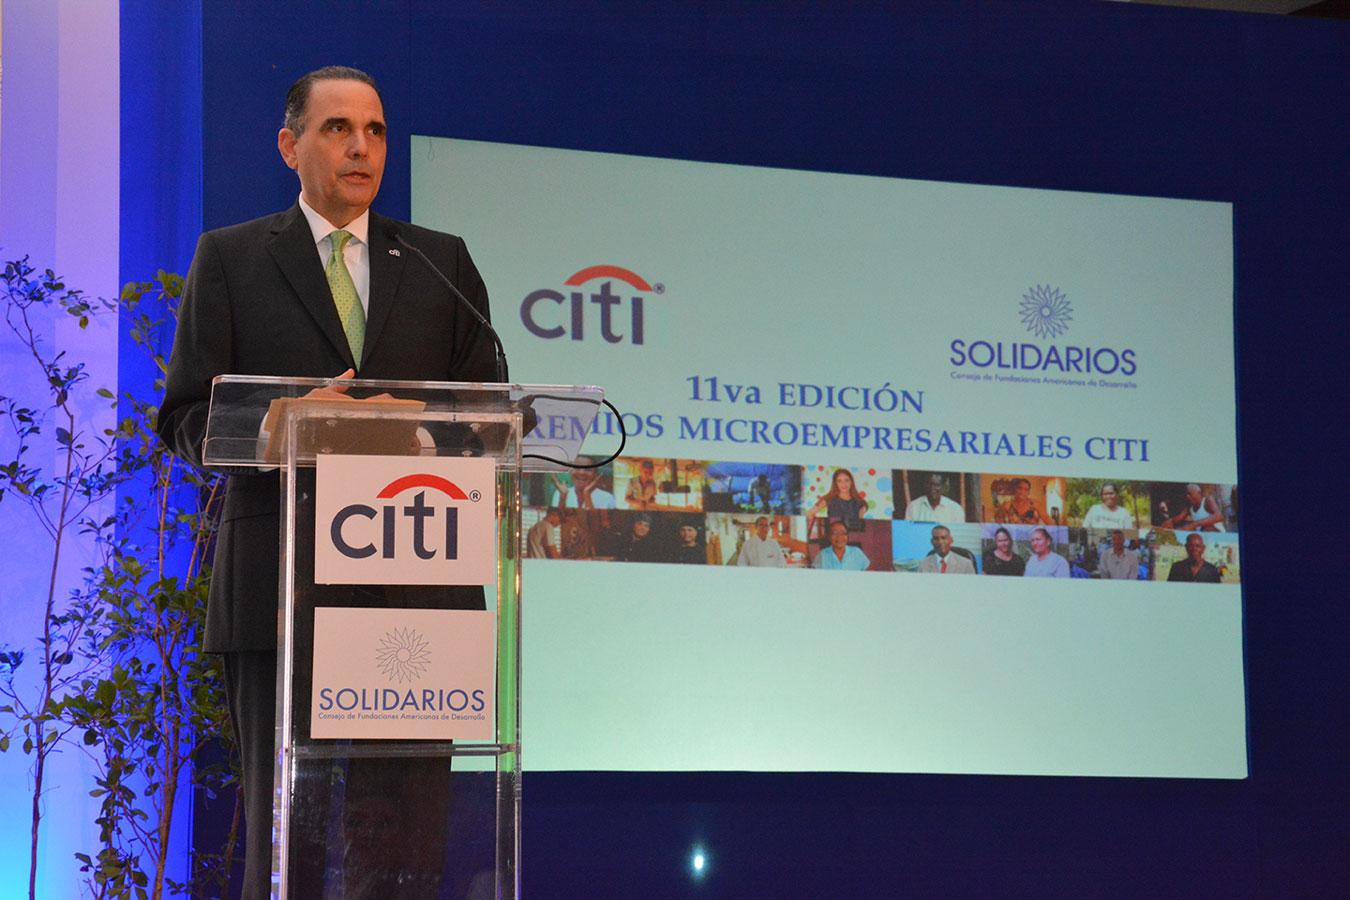 Máximo Vidal es gerente general de Citi República Dominicana desde 2005. Previo a su designación en el país, ocupó igual cargo en Honduras/Nicaragua en el período 2011-2005. | Gabriel Alcántara